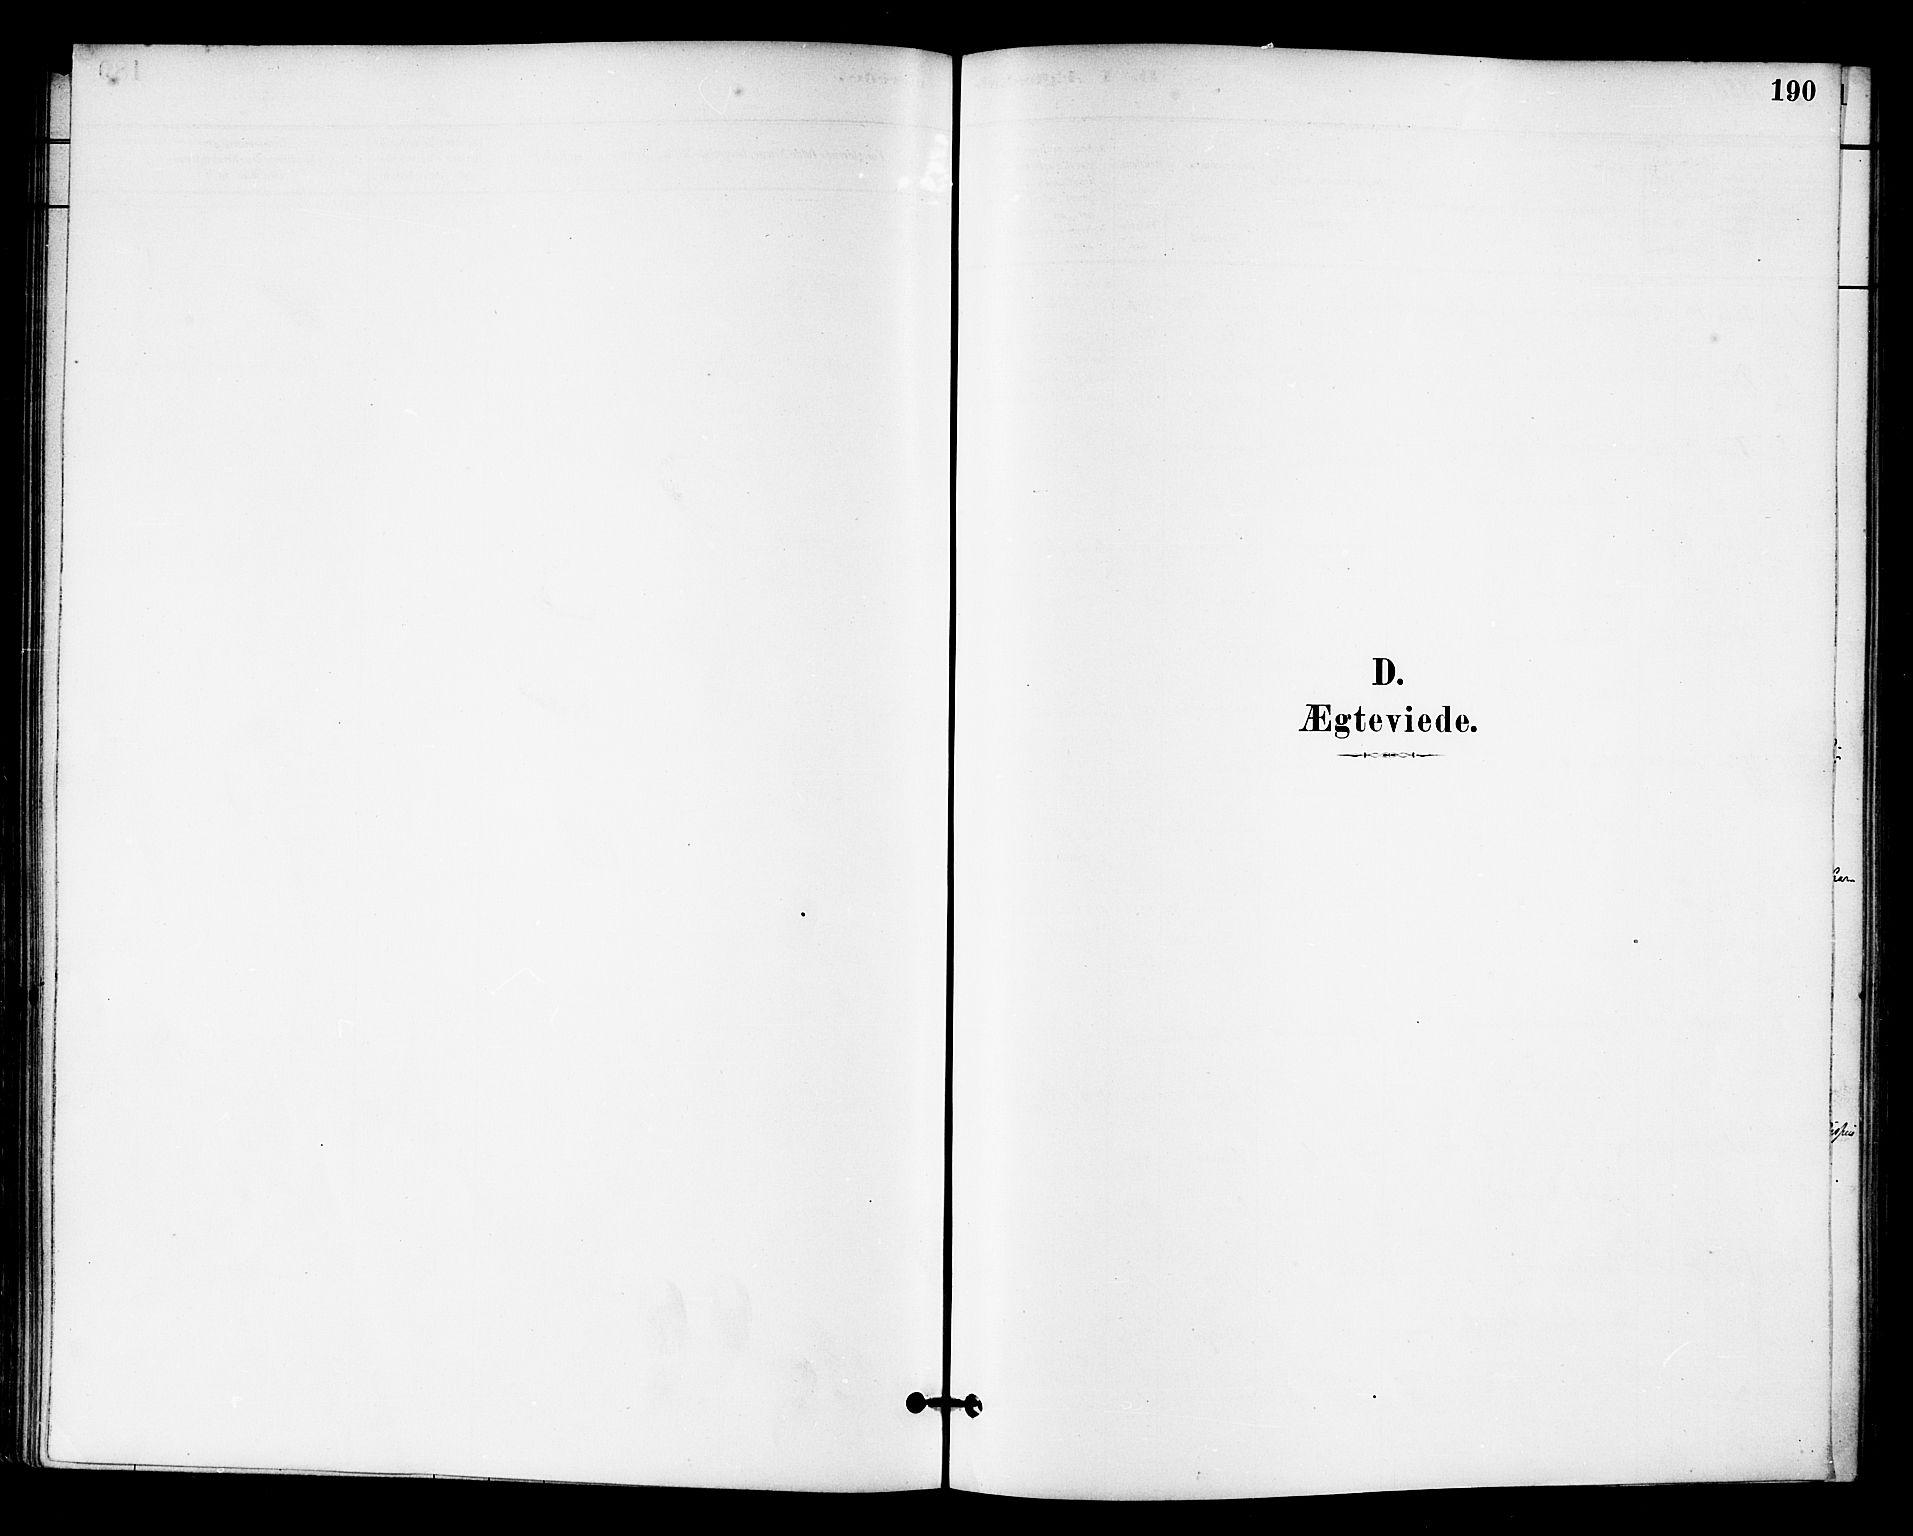 SAT, Ministerialprotokoller, klokkerbøker og fødselsregistre - Sør-Trøndelag, 655/L0680: Ministerialbok nr. 655A09, 1880-1894, s. 190